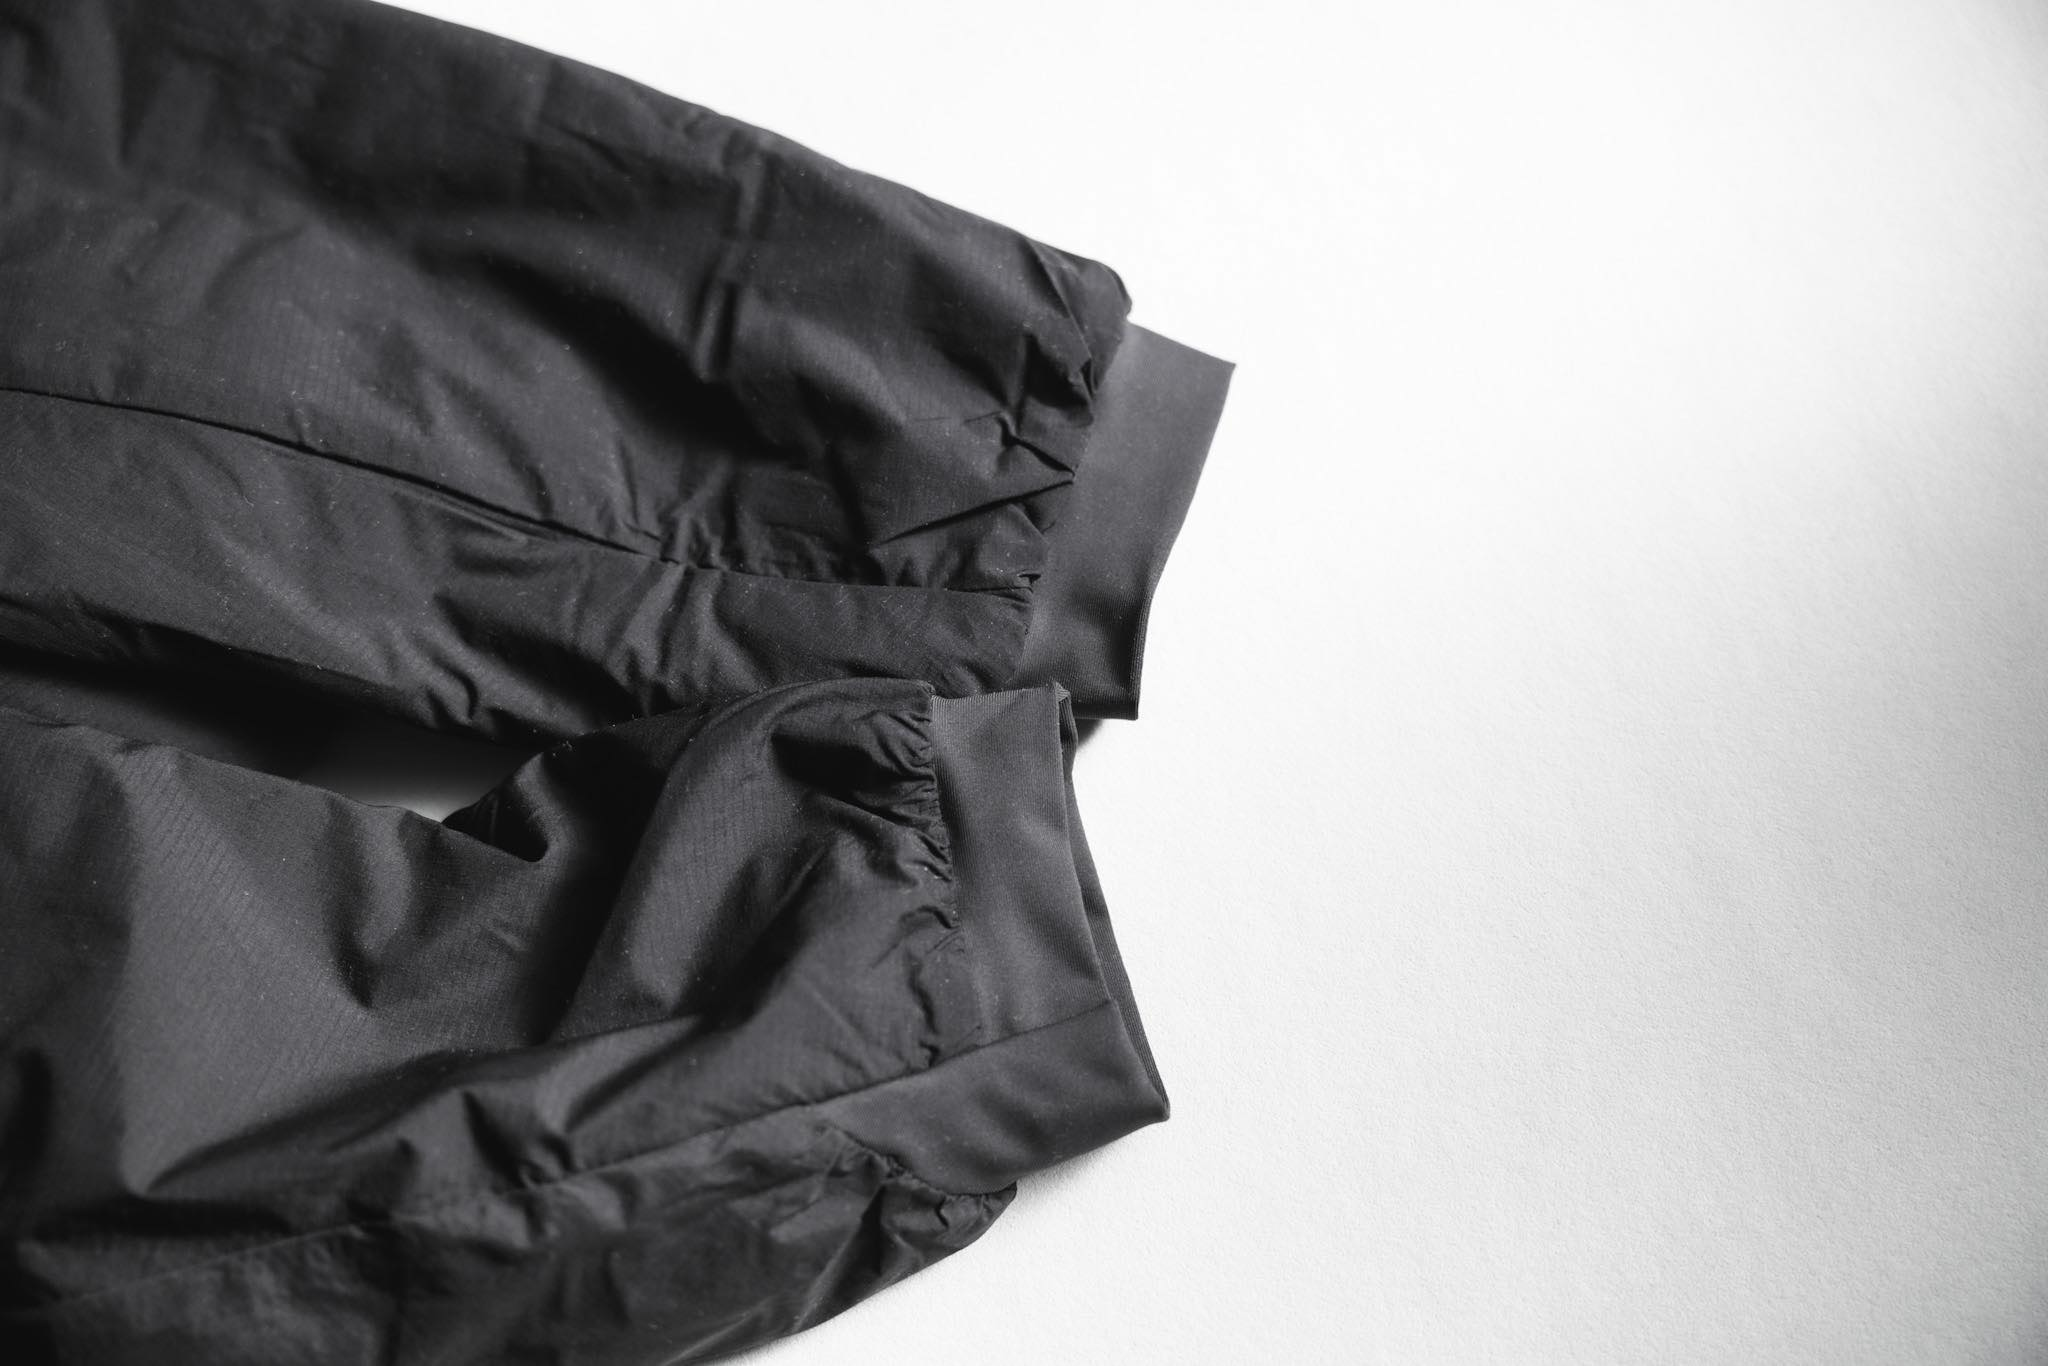 ARC'TERYX(アークテリクス)アトムLT|袖口はストレッチテープで風を防ぐ